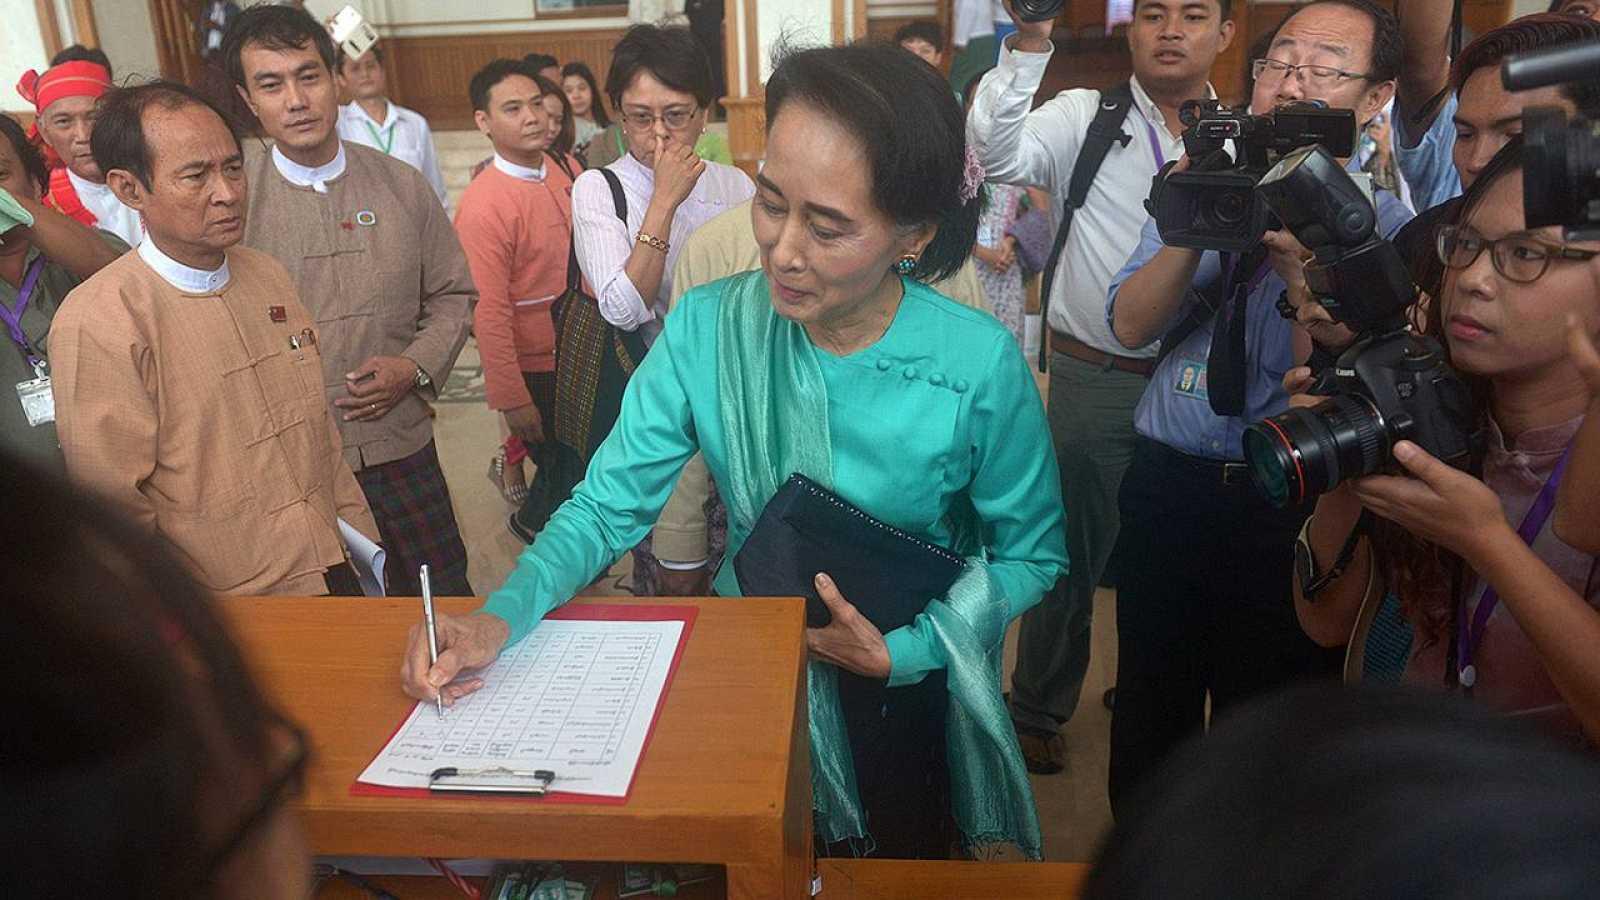 La líder opositora birmana Aung San Suu Kyi antes de entrar a la reunión del Parlamento que debatía la reforma para permitirle optar a la presidencia